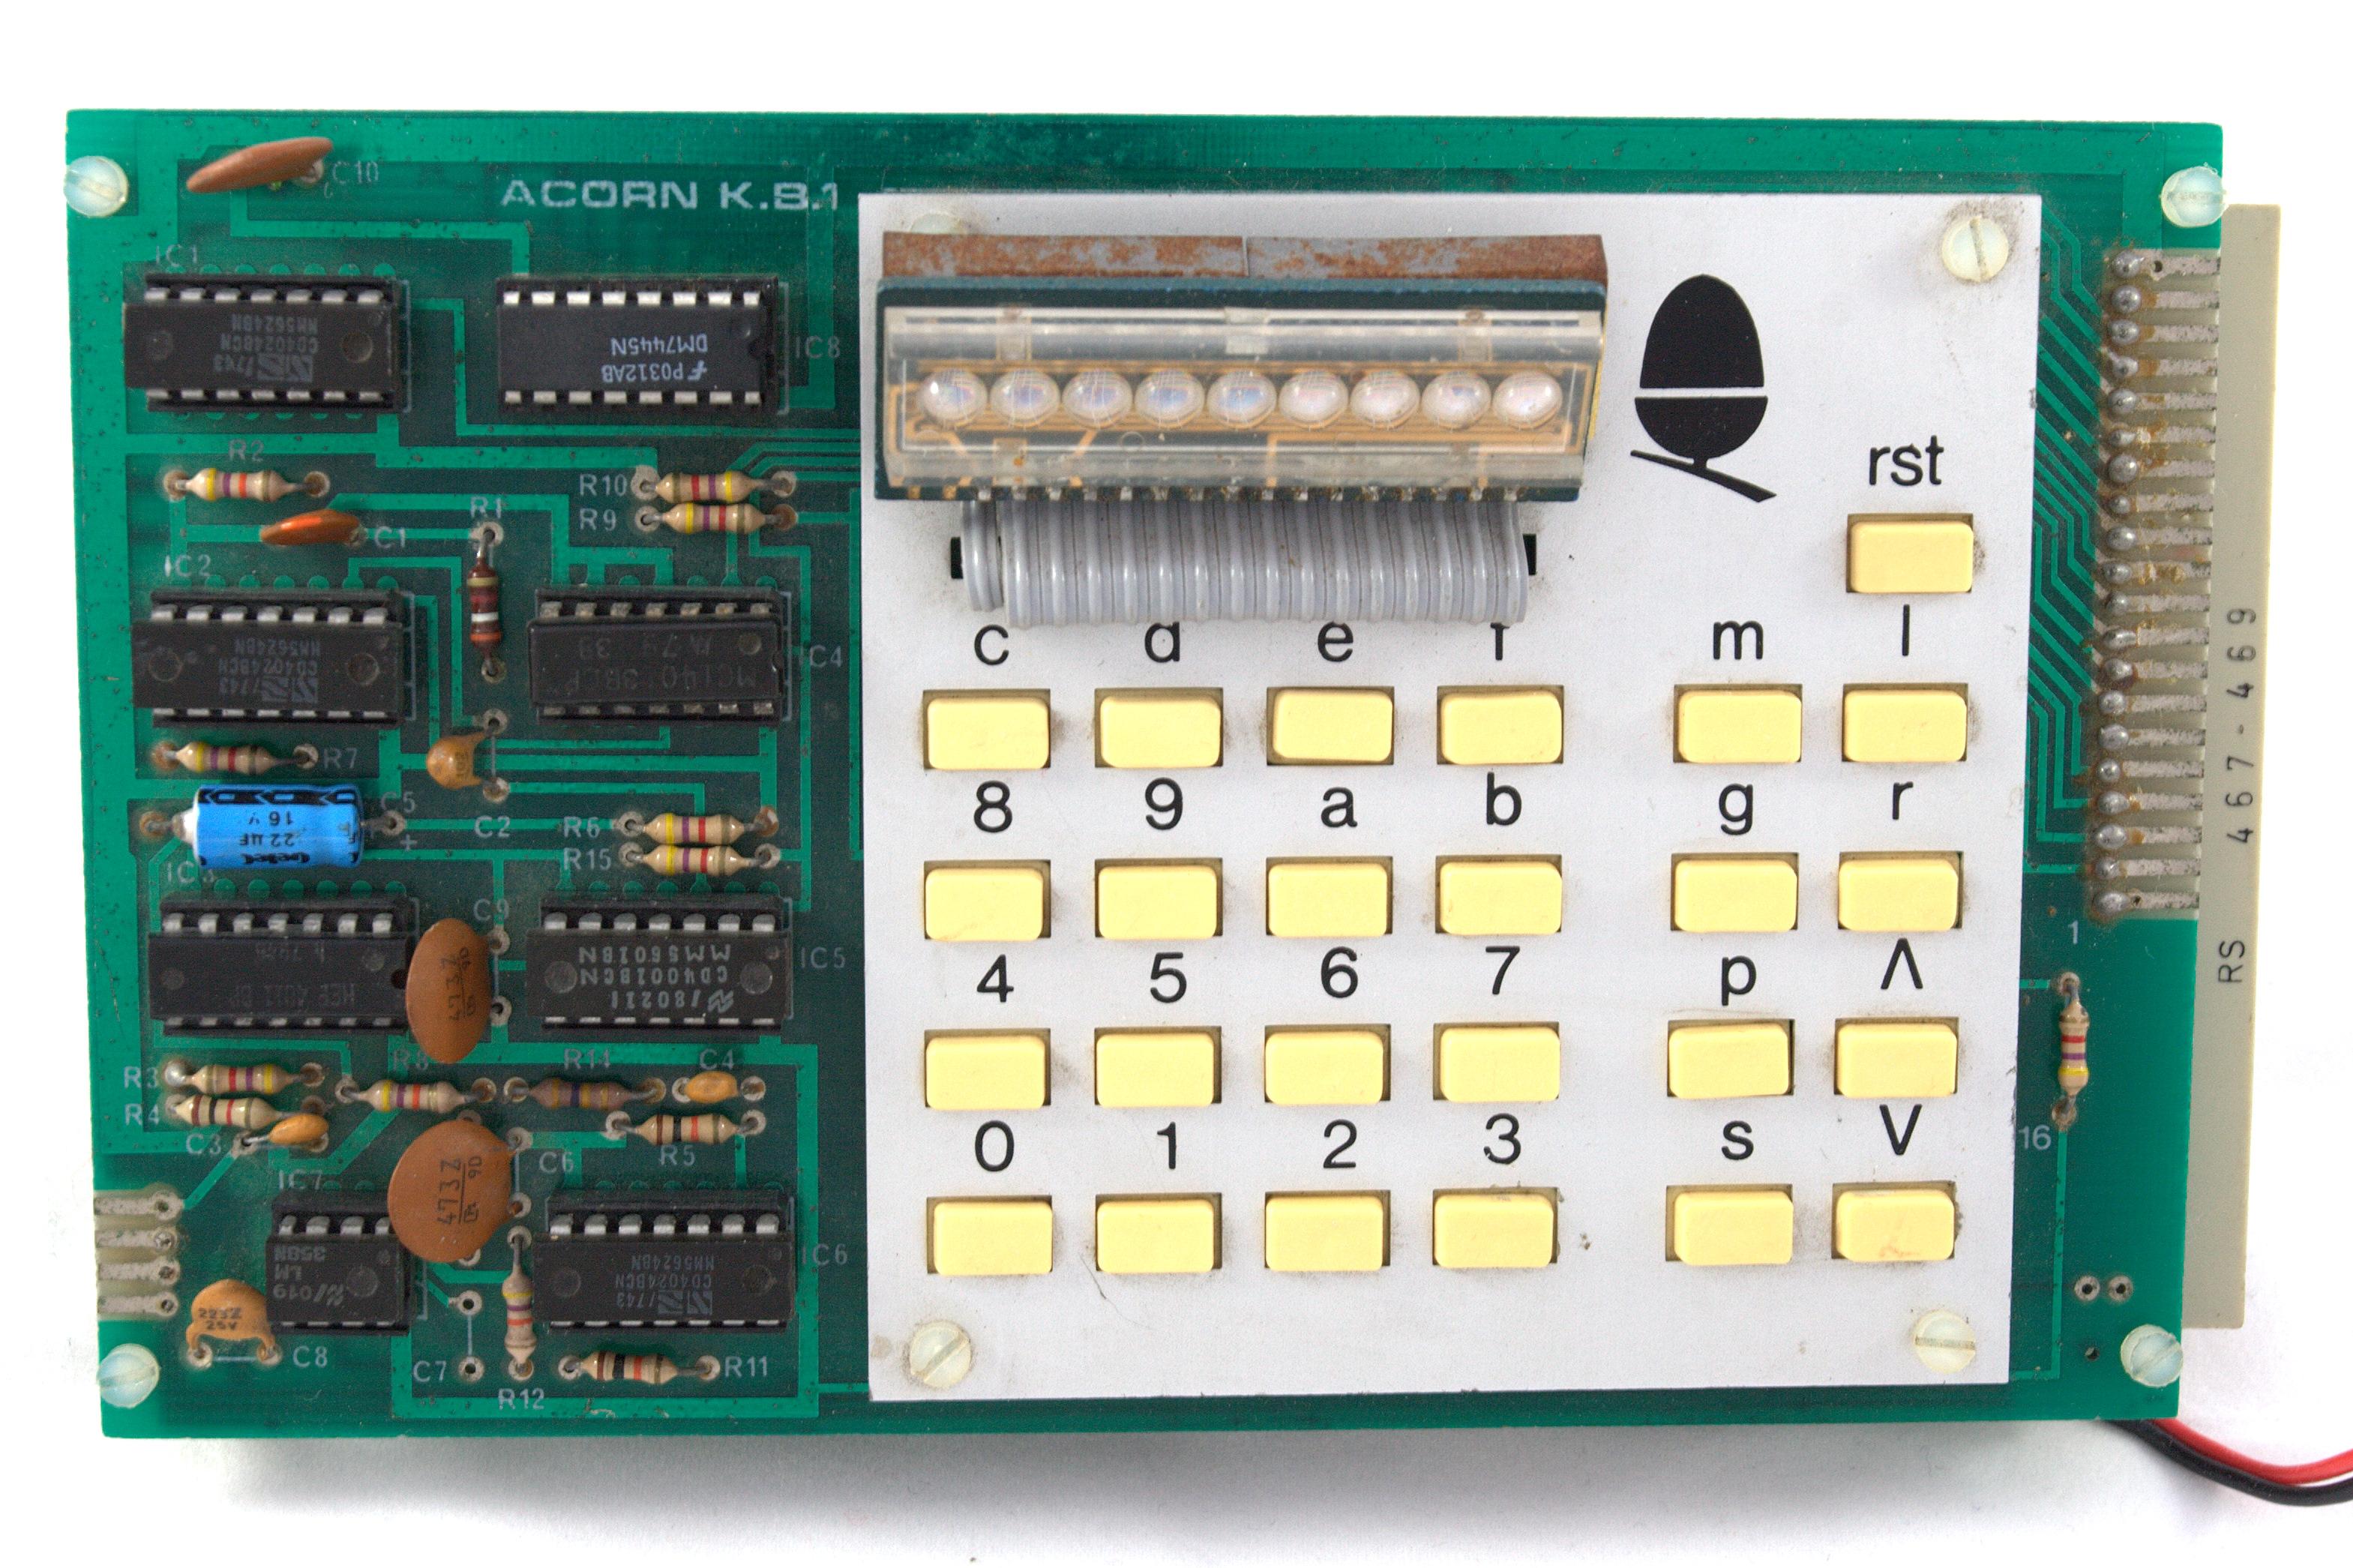 Acorn System 1 выглядел очень скромно — не сразу скажешь, что это компьютер